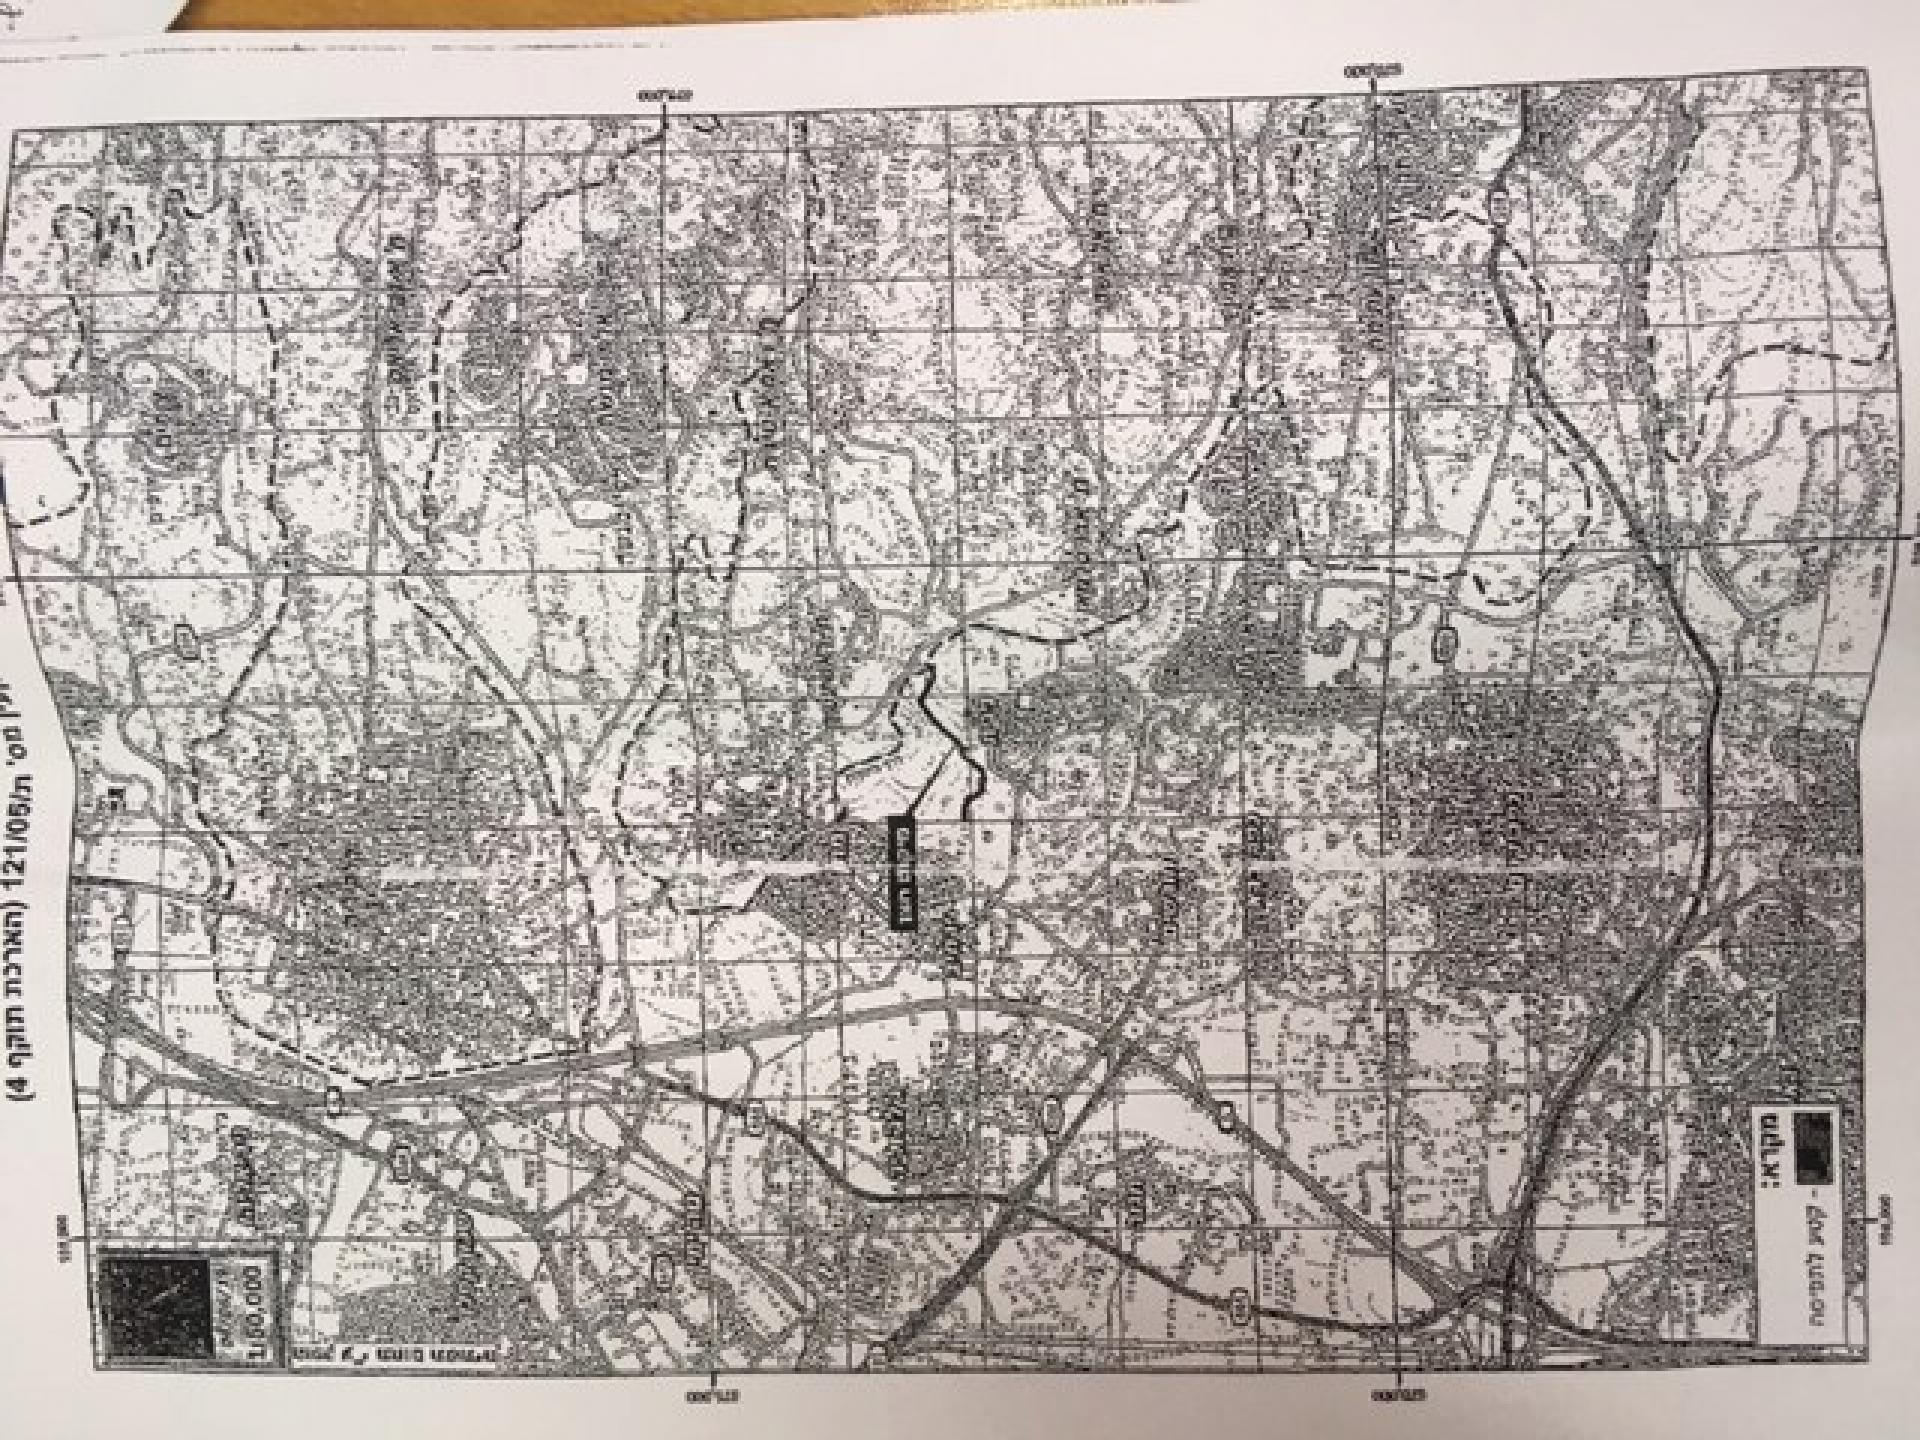 המפה של אזור קלקיליה עם סימון מקום התפיסה שנשלחה בטעות